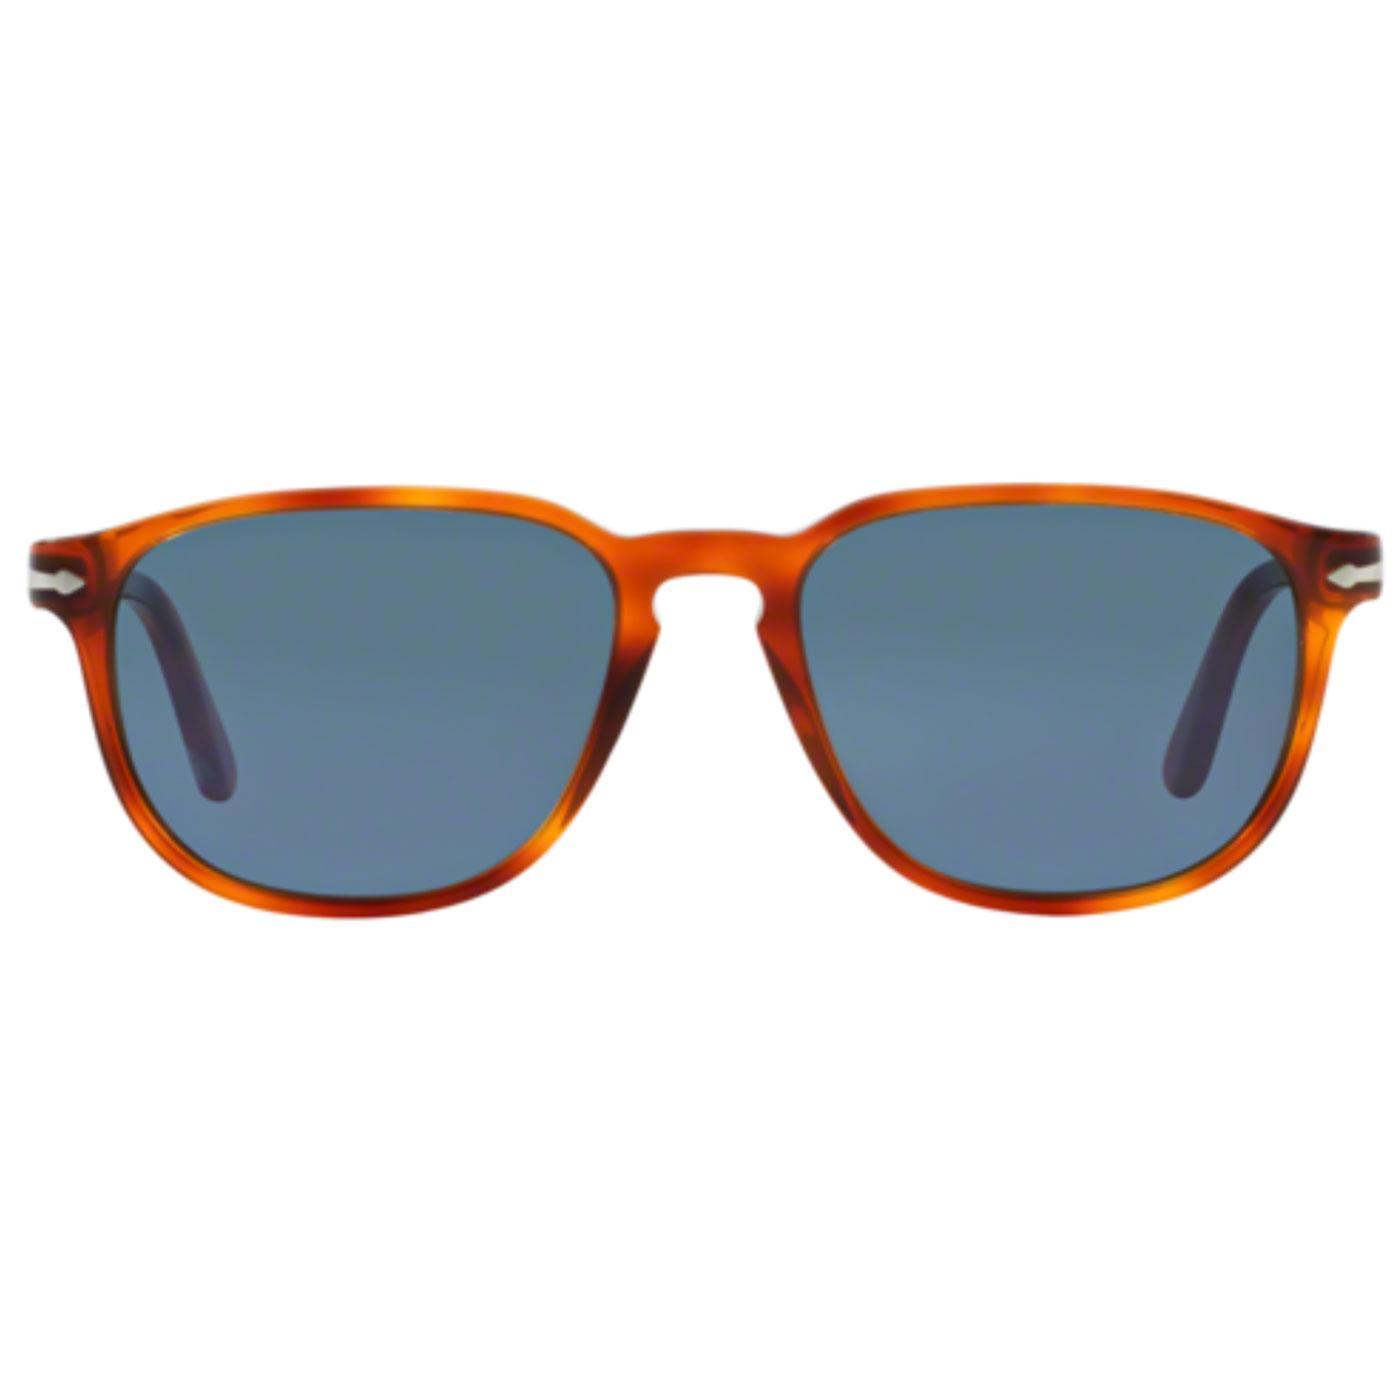 PERSOL Men's Retro 50s Terra Di Siena Sunglasses